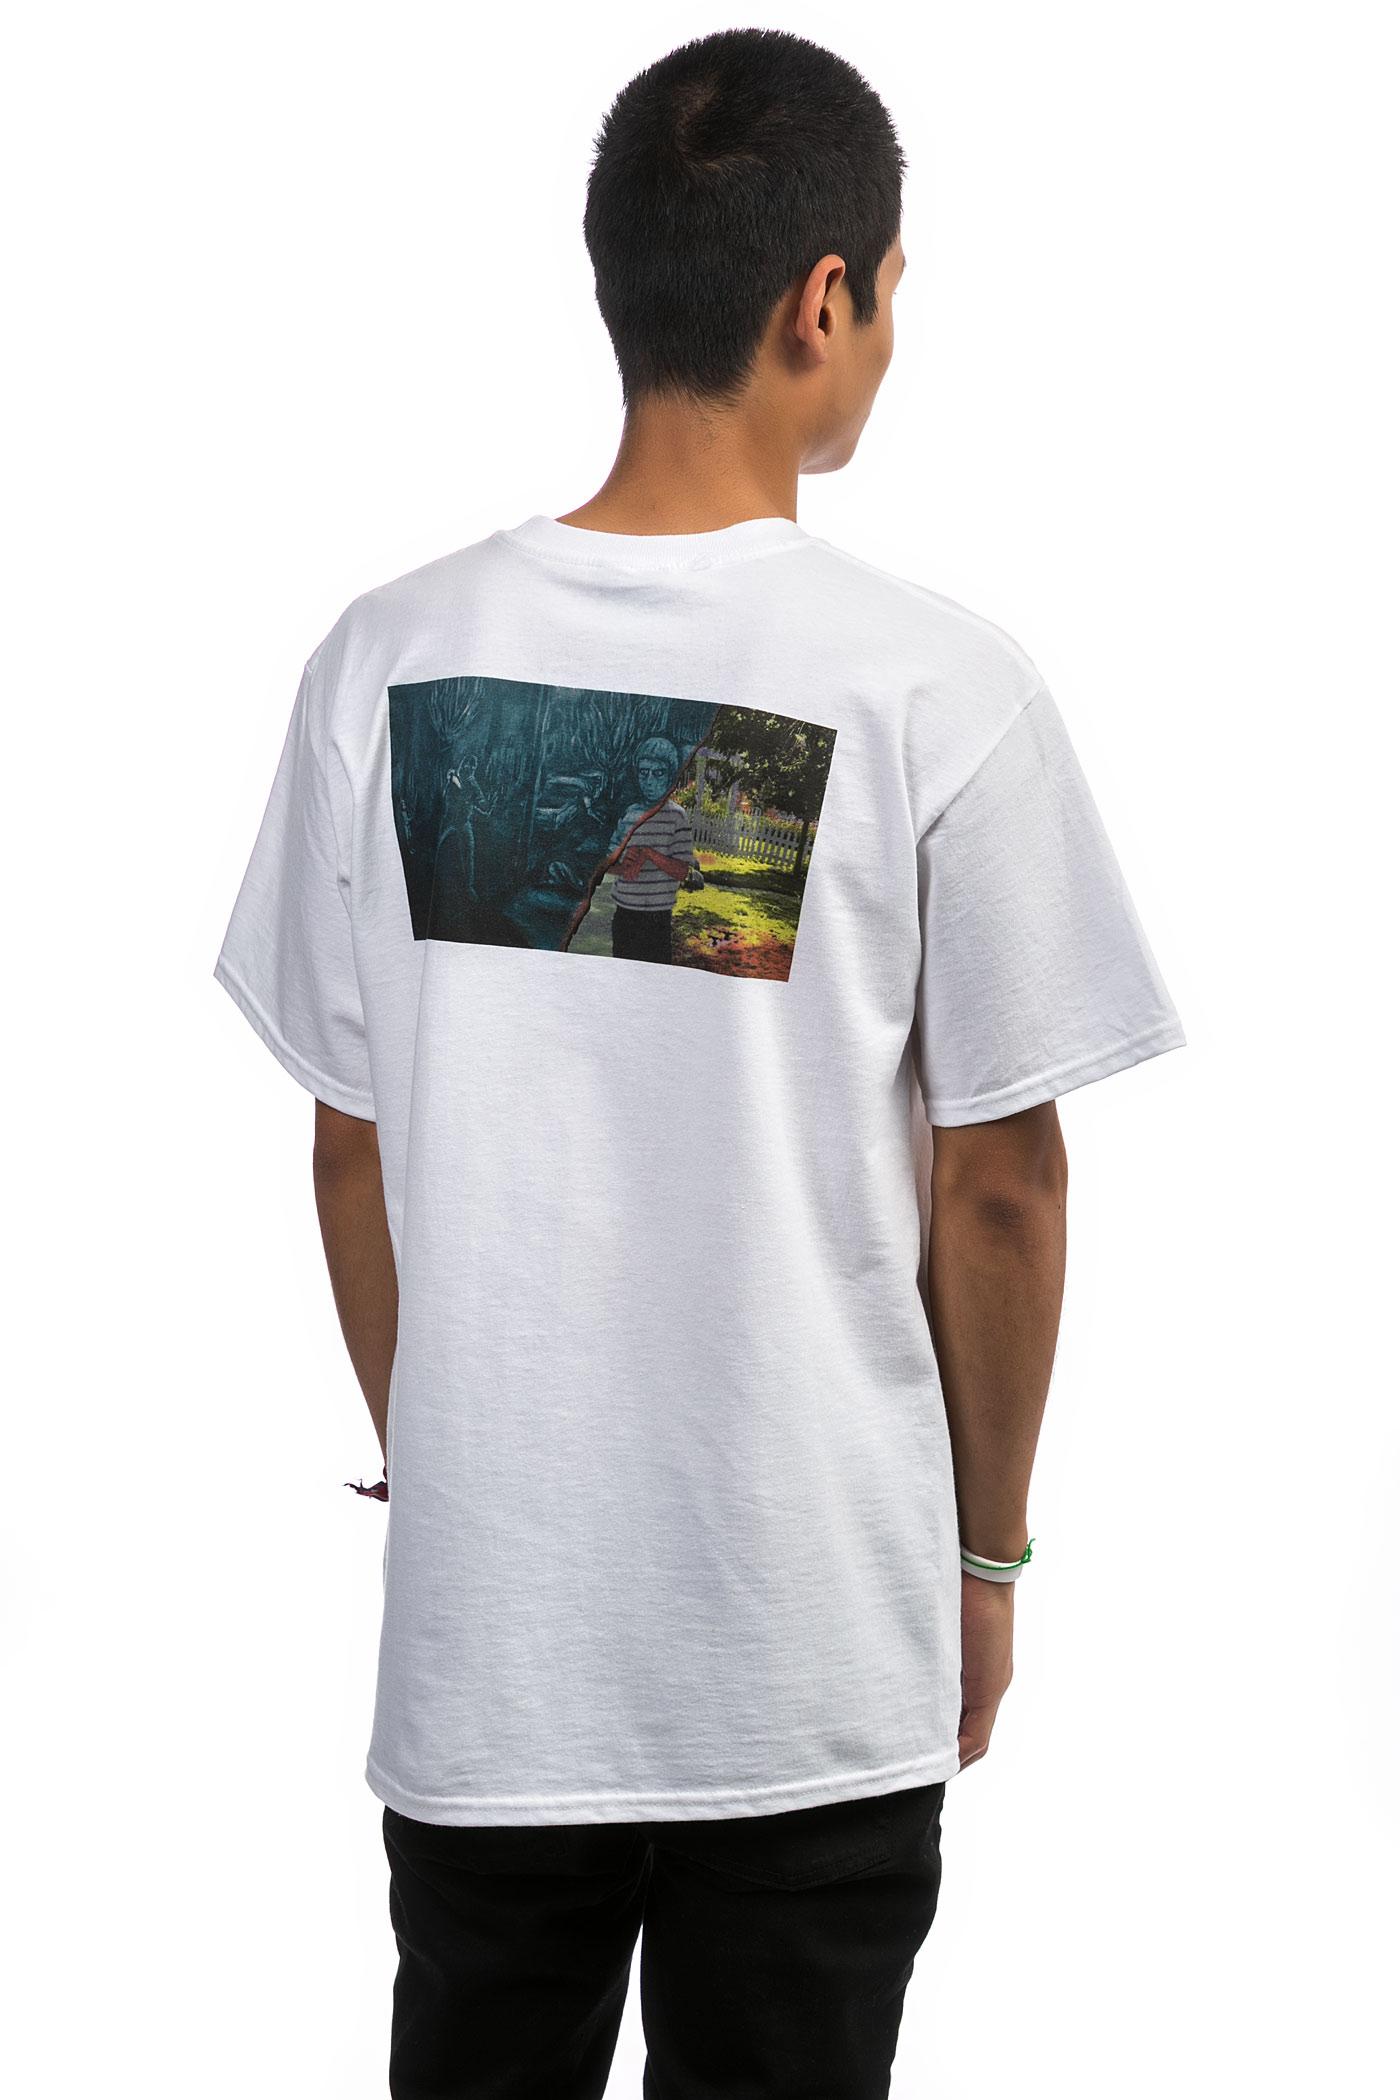 HOCKEY John s Nightmare T-Shirt (white) buy at skatedeluxe b0545ef59